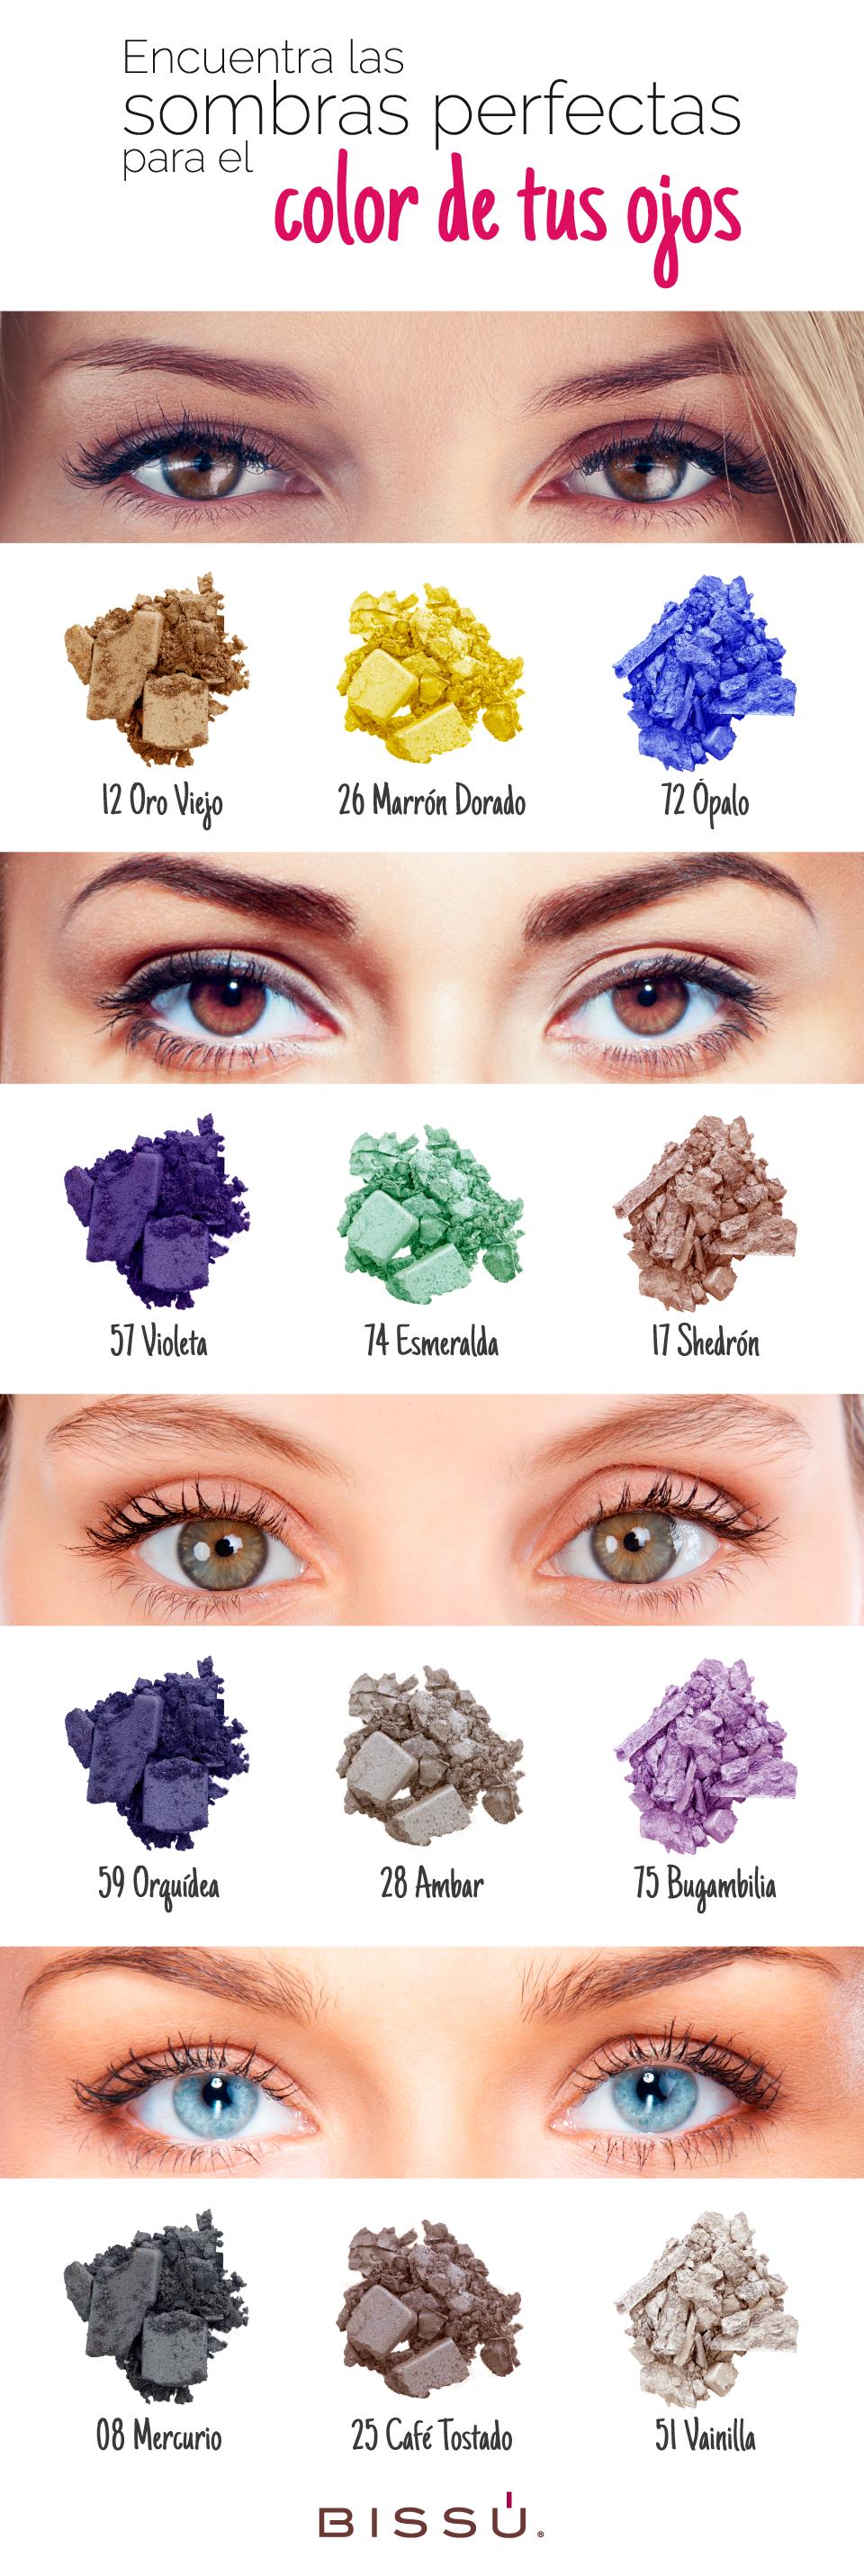 Escoge los colores perfectos para tus ojos.